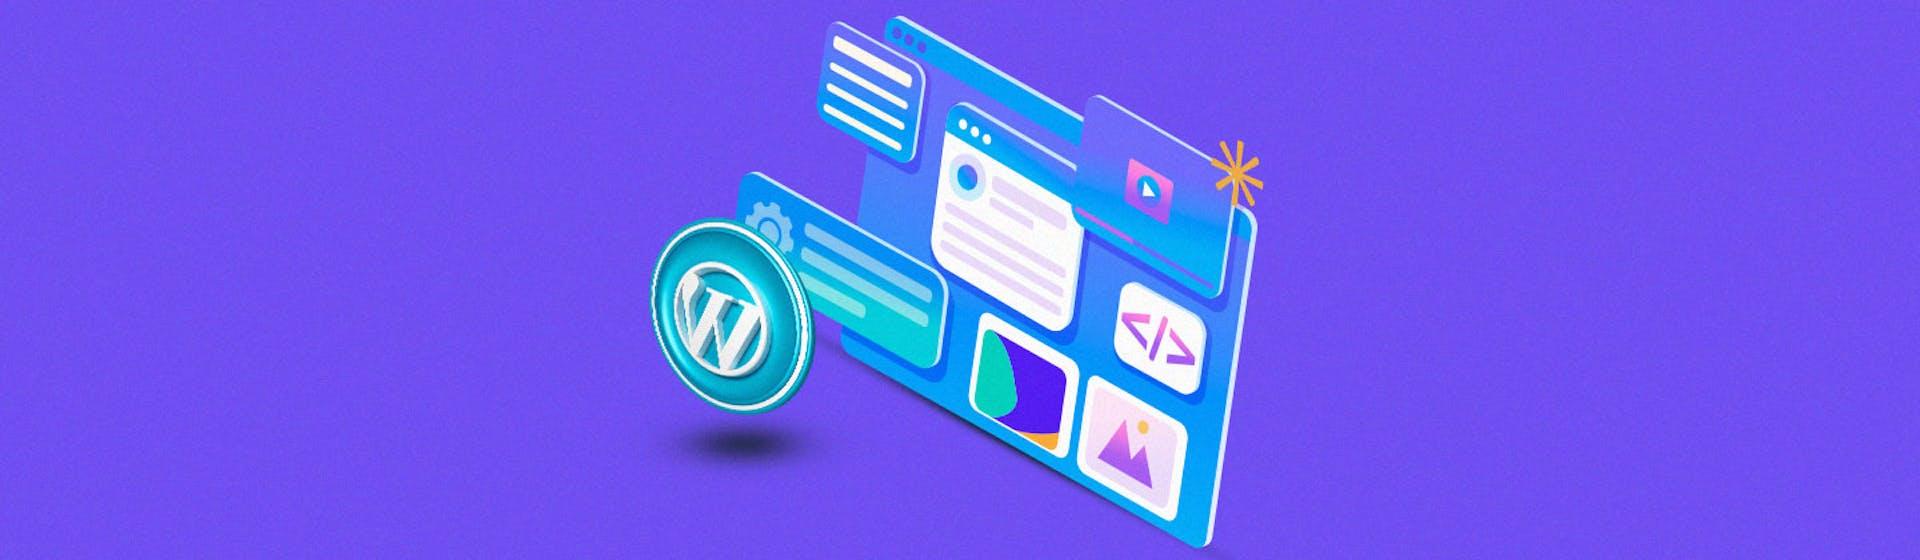 Los mejores cursos de WordPress gratis y pagos para triunfar como diseñador web